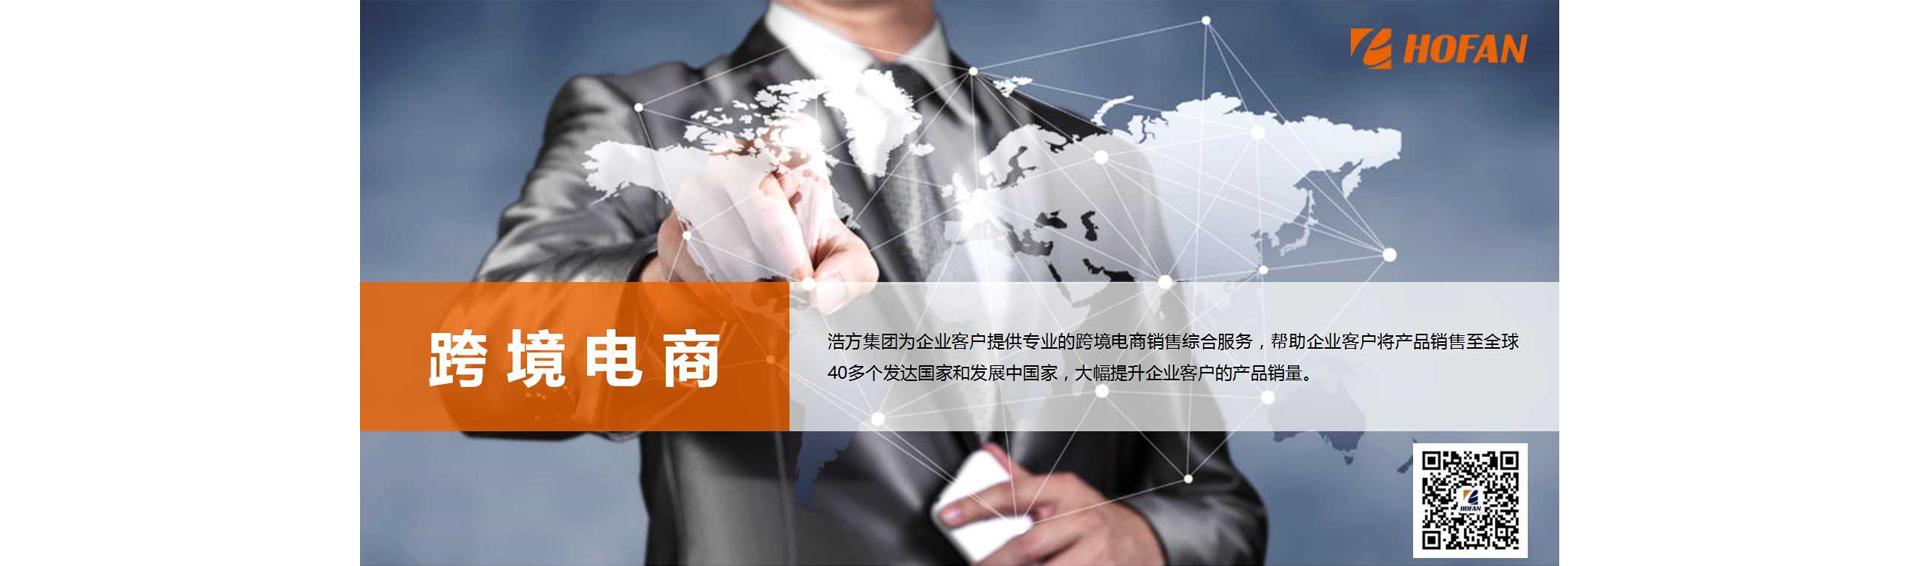 跨境电商 - 浩方集团官方网站